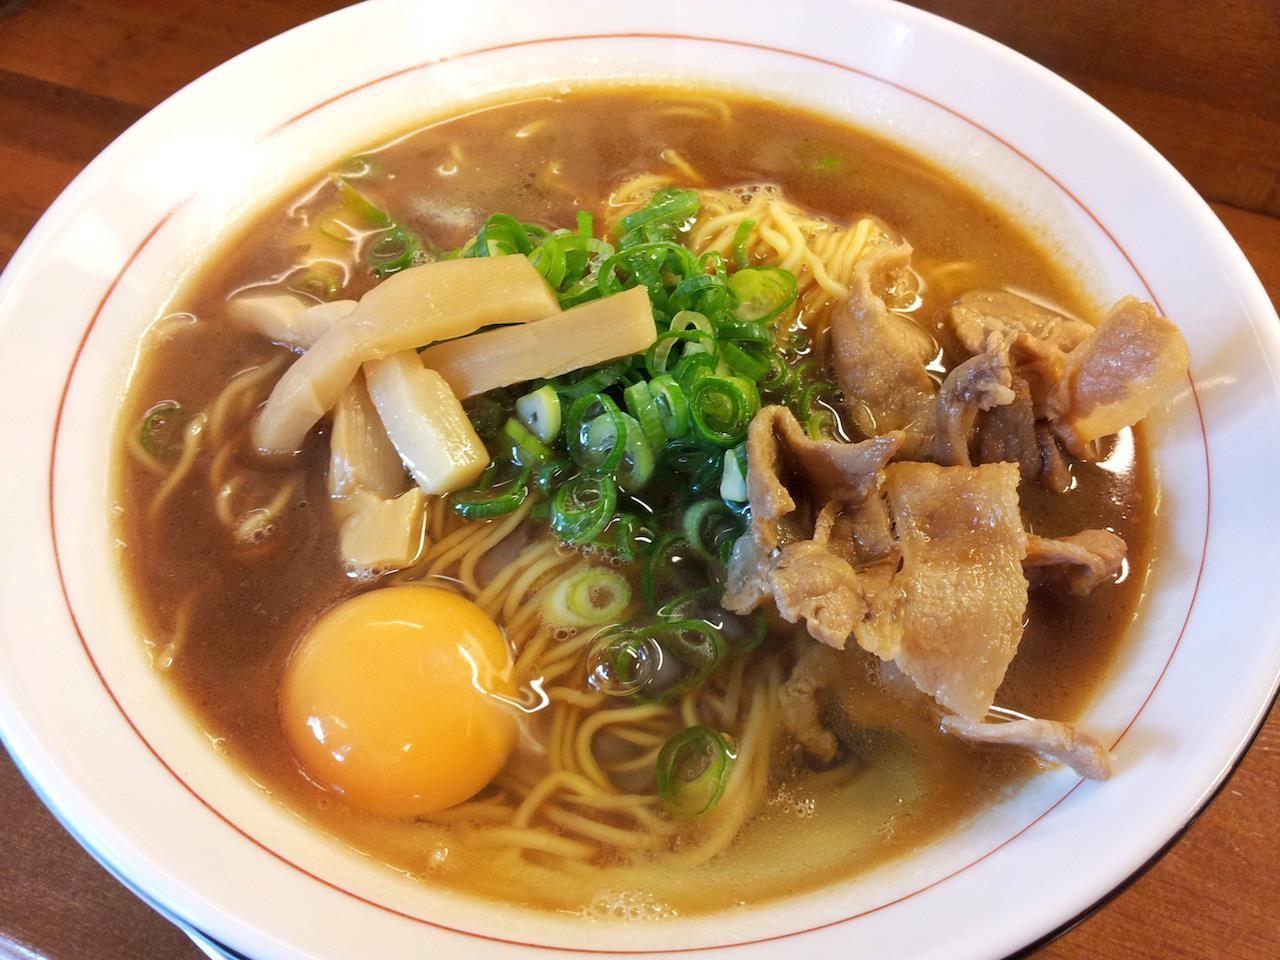 本日、徳島ラーメンの店『可成家』が代々木に開店すますた。オープン記念価格で何と一杯200円! スープ茶系を選びますたが、この味、好きかも。 【2013年9月4日】